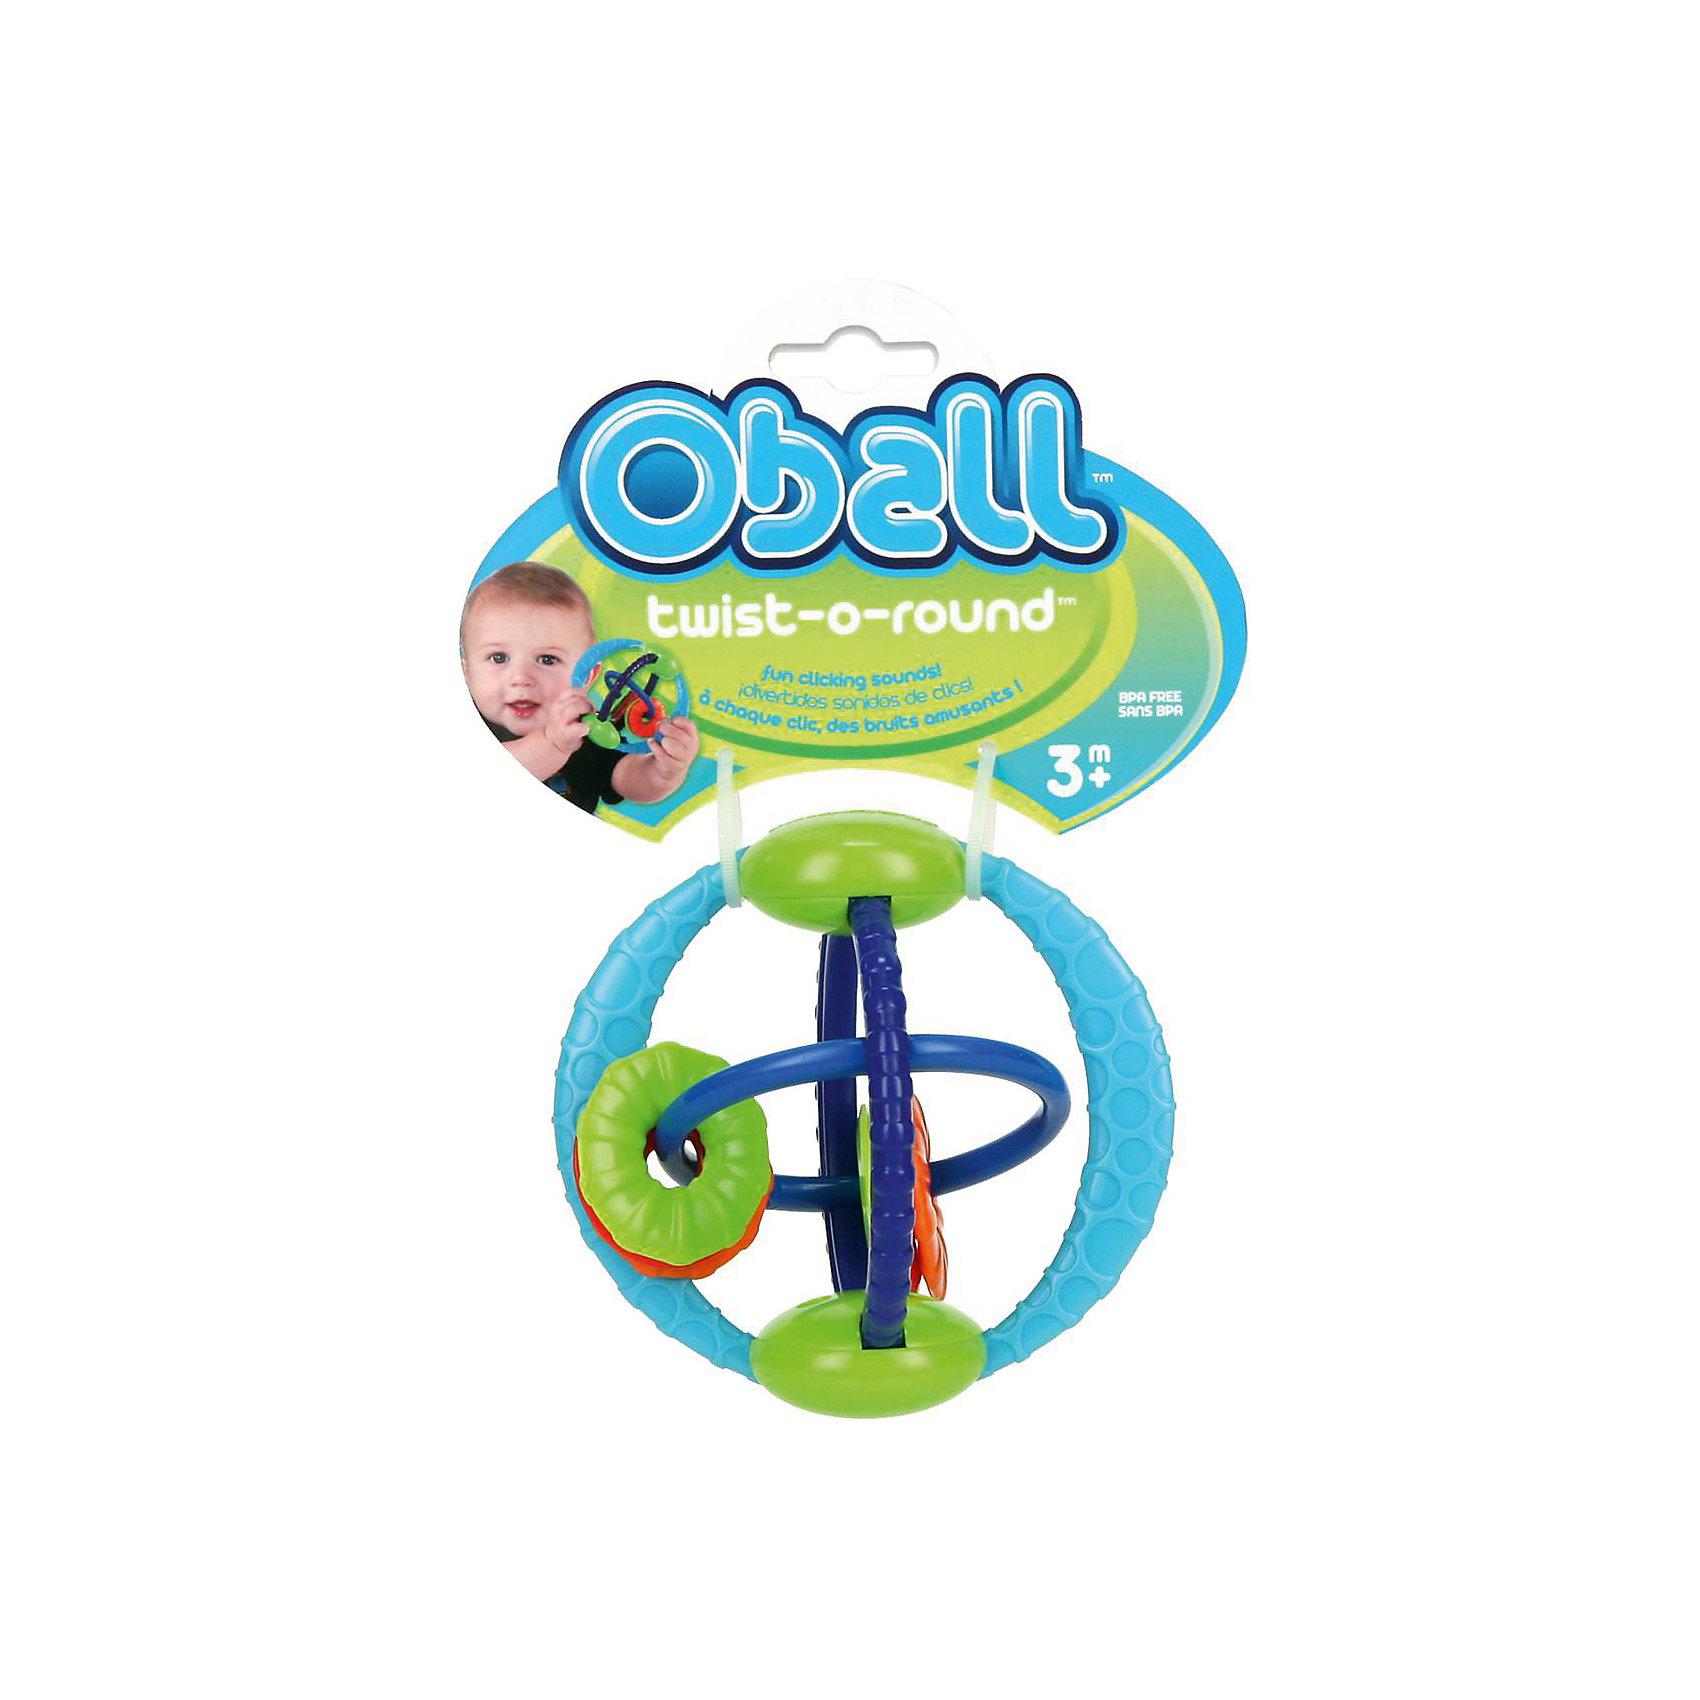 Развивающая игрушка Twist-O-Round, OballУникальная развивающая игрушка-шар с вращающимися кольцами издает щелкающие звуки!<br><br>ОСОБЕННОСТИ<br>Все элементы игрушки двигаются и легко перемещаются<br>6 цветных бусинок  разной формы для развития тактильных ощущений<br>При движении колец игрушка забавно трещит благодаря «щелкающему» механизму!<br>Рельефные кольца и бусинки для кусания успокоят нежные десна малыша<br>Легко хватать маленькими ручками<br><br>Дополнительные характеристики<br> Не содержит вредных веществ<br> Размеры товара: 11*11*9 см<br> Размеры коробки: 10*1<br><br>Ширина мм: 183<br>Глубина мм: 139<br>Высота мм: 68<br>Вес г: 84<br>Возраст от месяцев: 3<br>Возраст до месяцев: 18<br>Пол: Унисекс<br>Возраст: Детский<br>SKU: 3400188